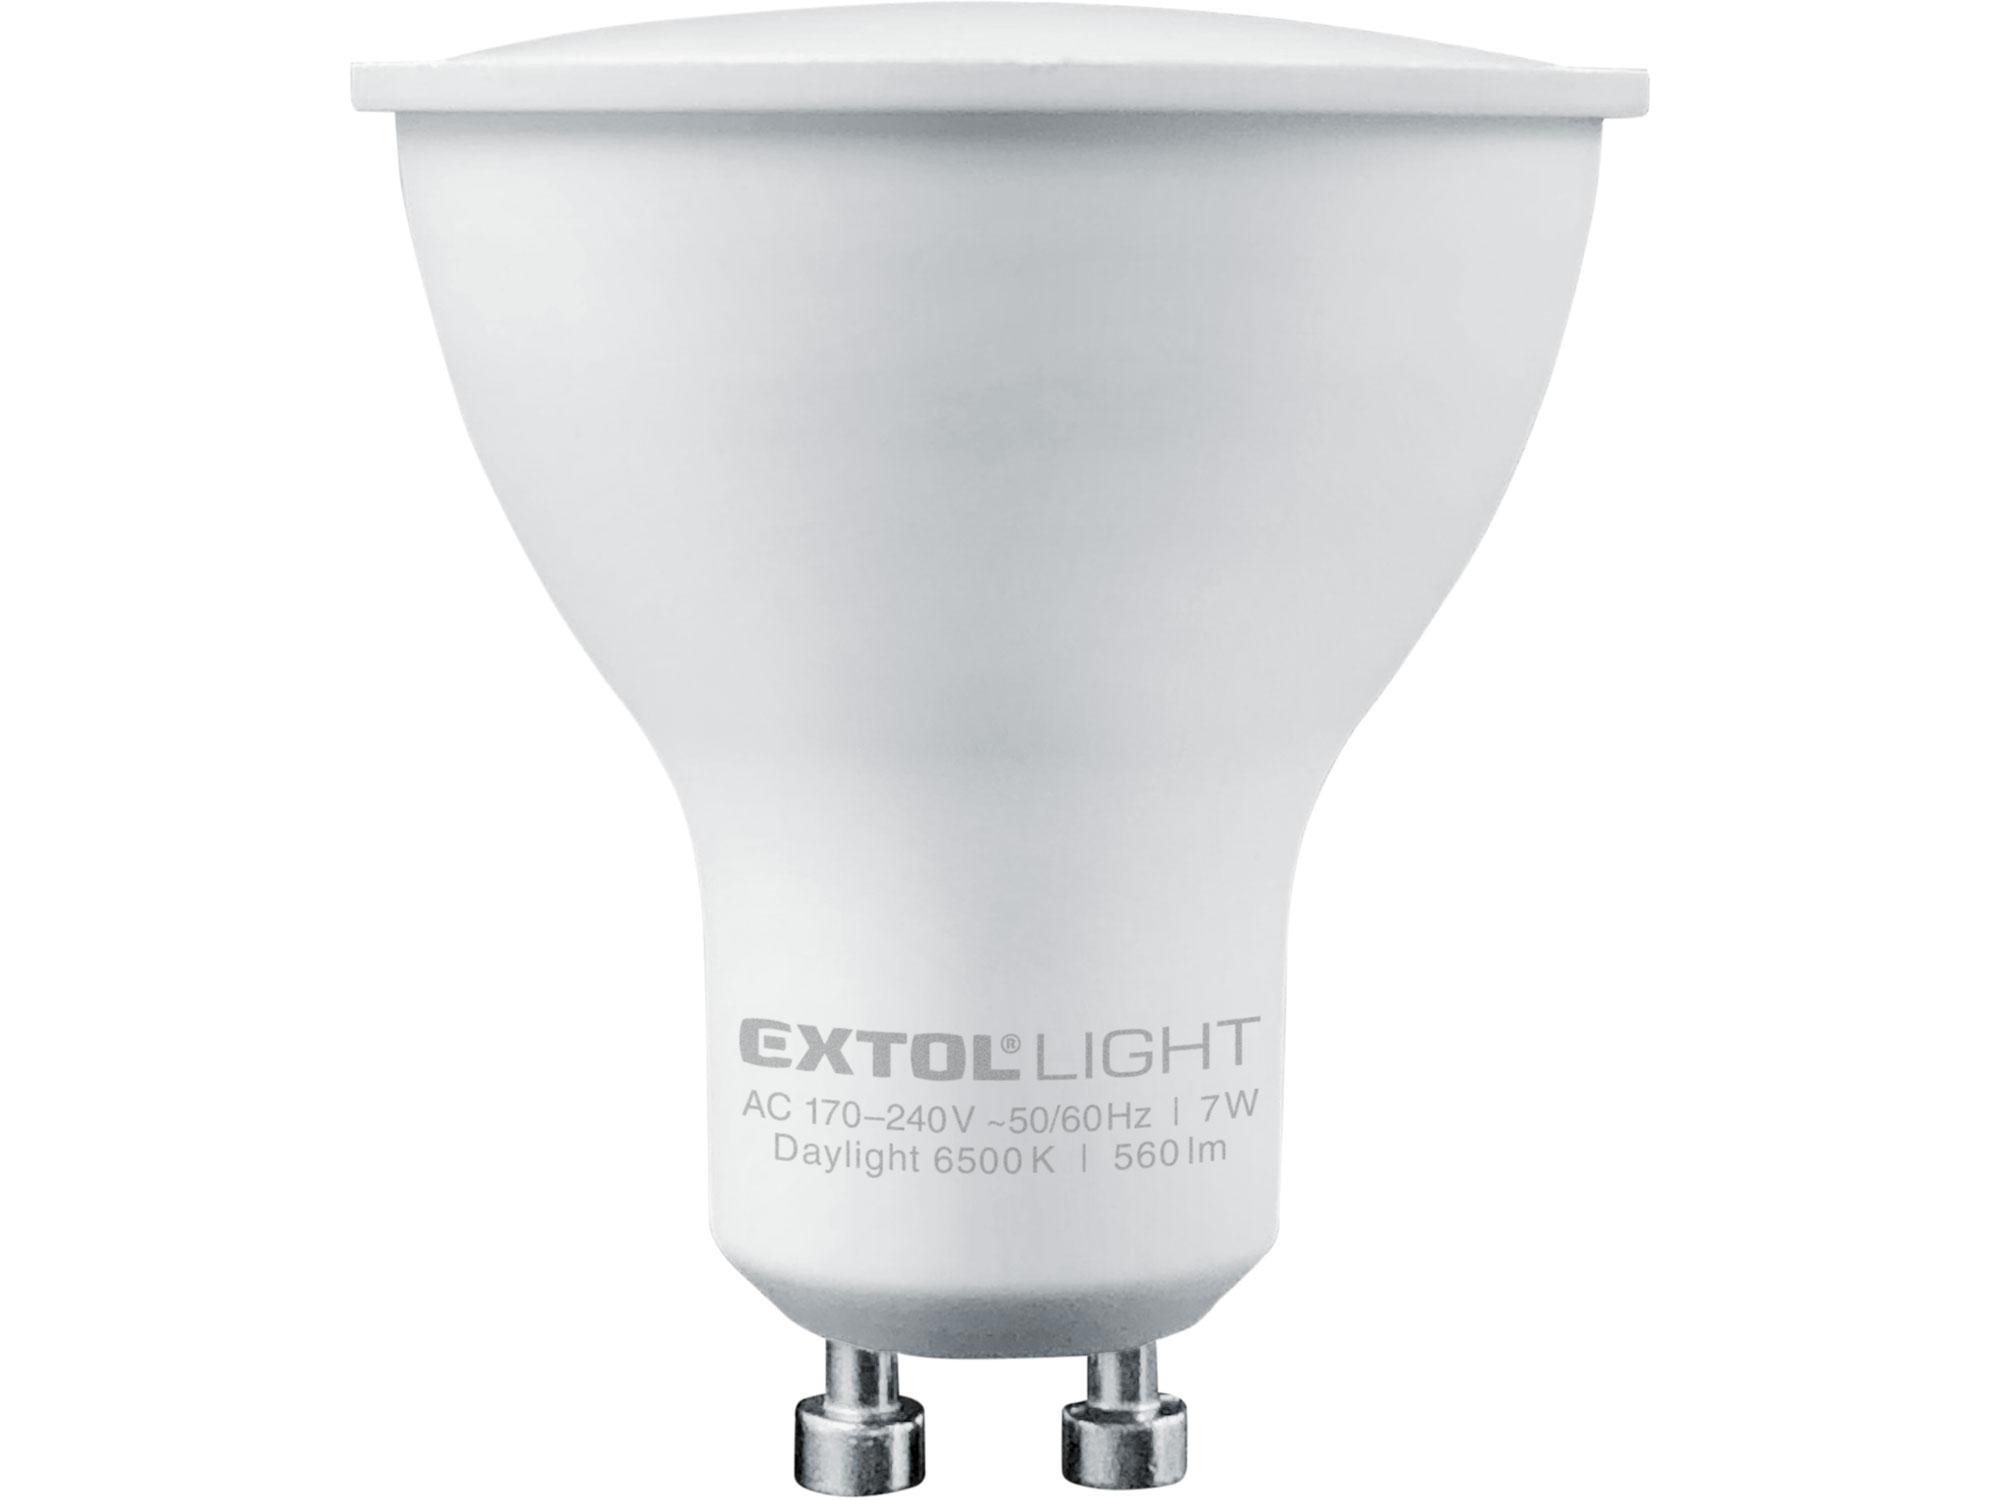 žárovka LED reflektorová, 7W, 560lm, GU10, denní bílá